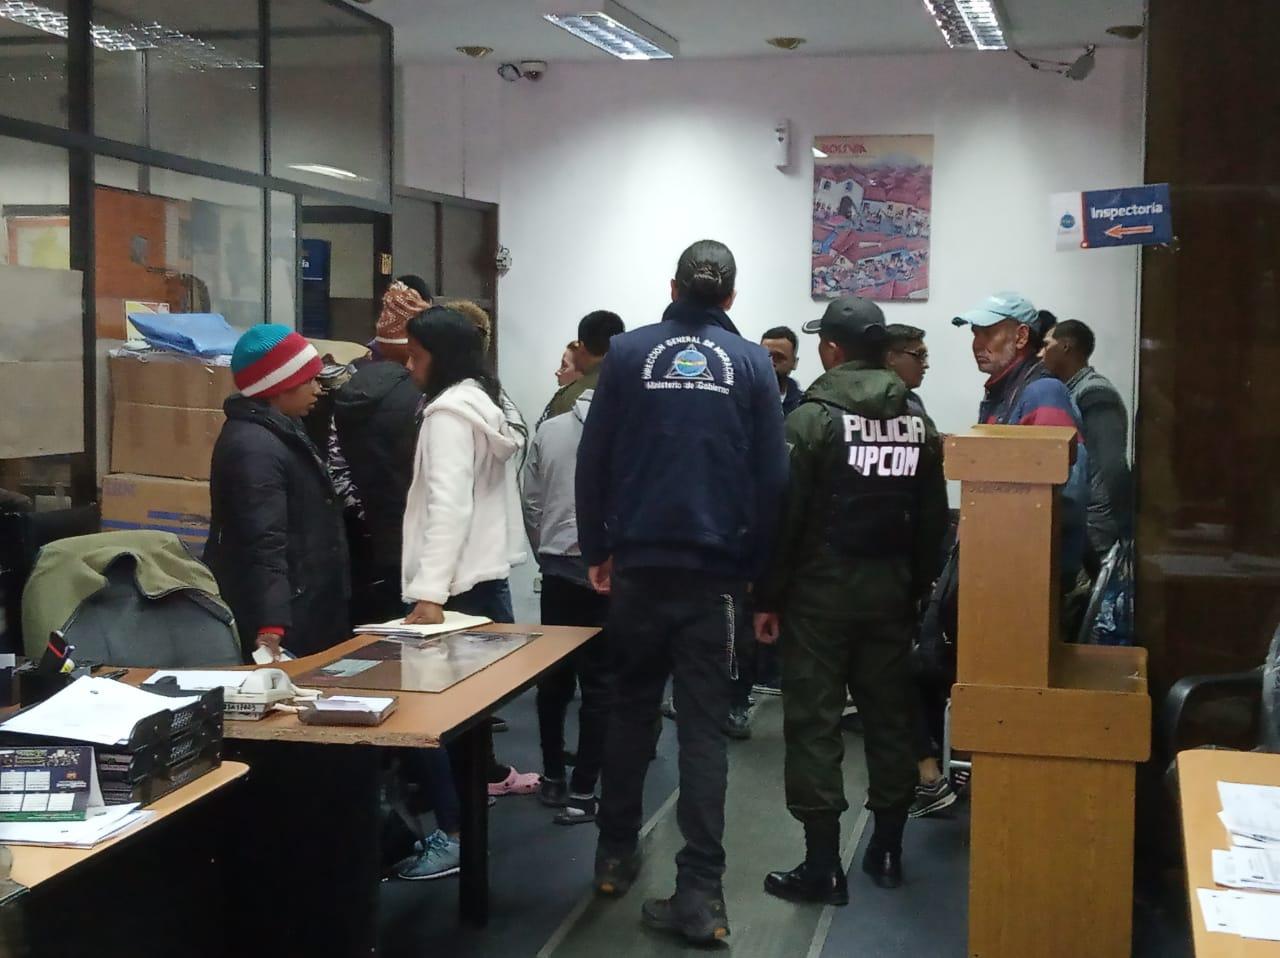 Migración identifica a más de 45 extranjeros con ingreso irregular en La Paz tras la finalización del plazo de regulación migratoria